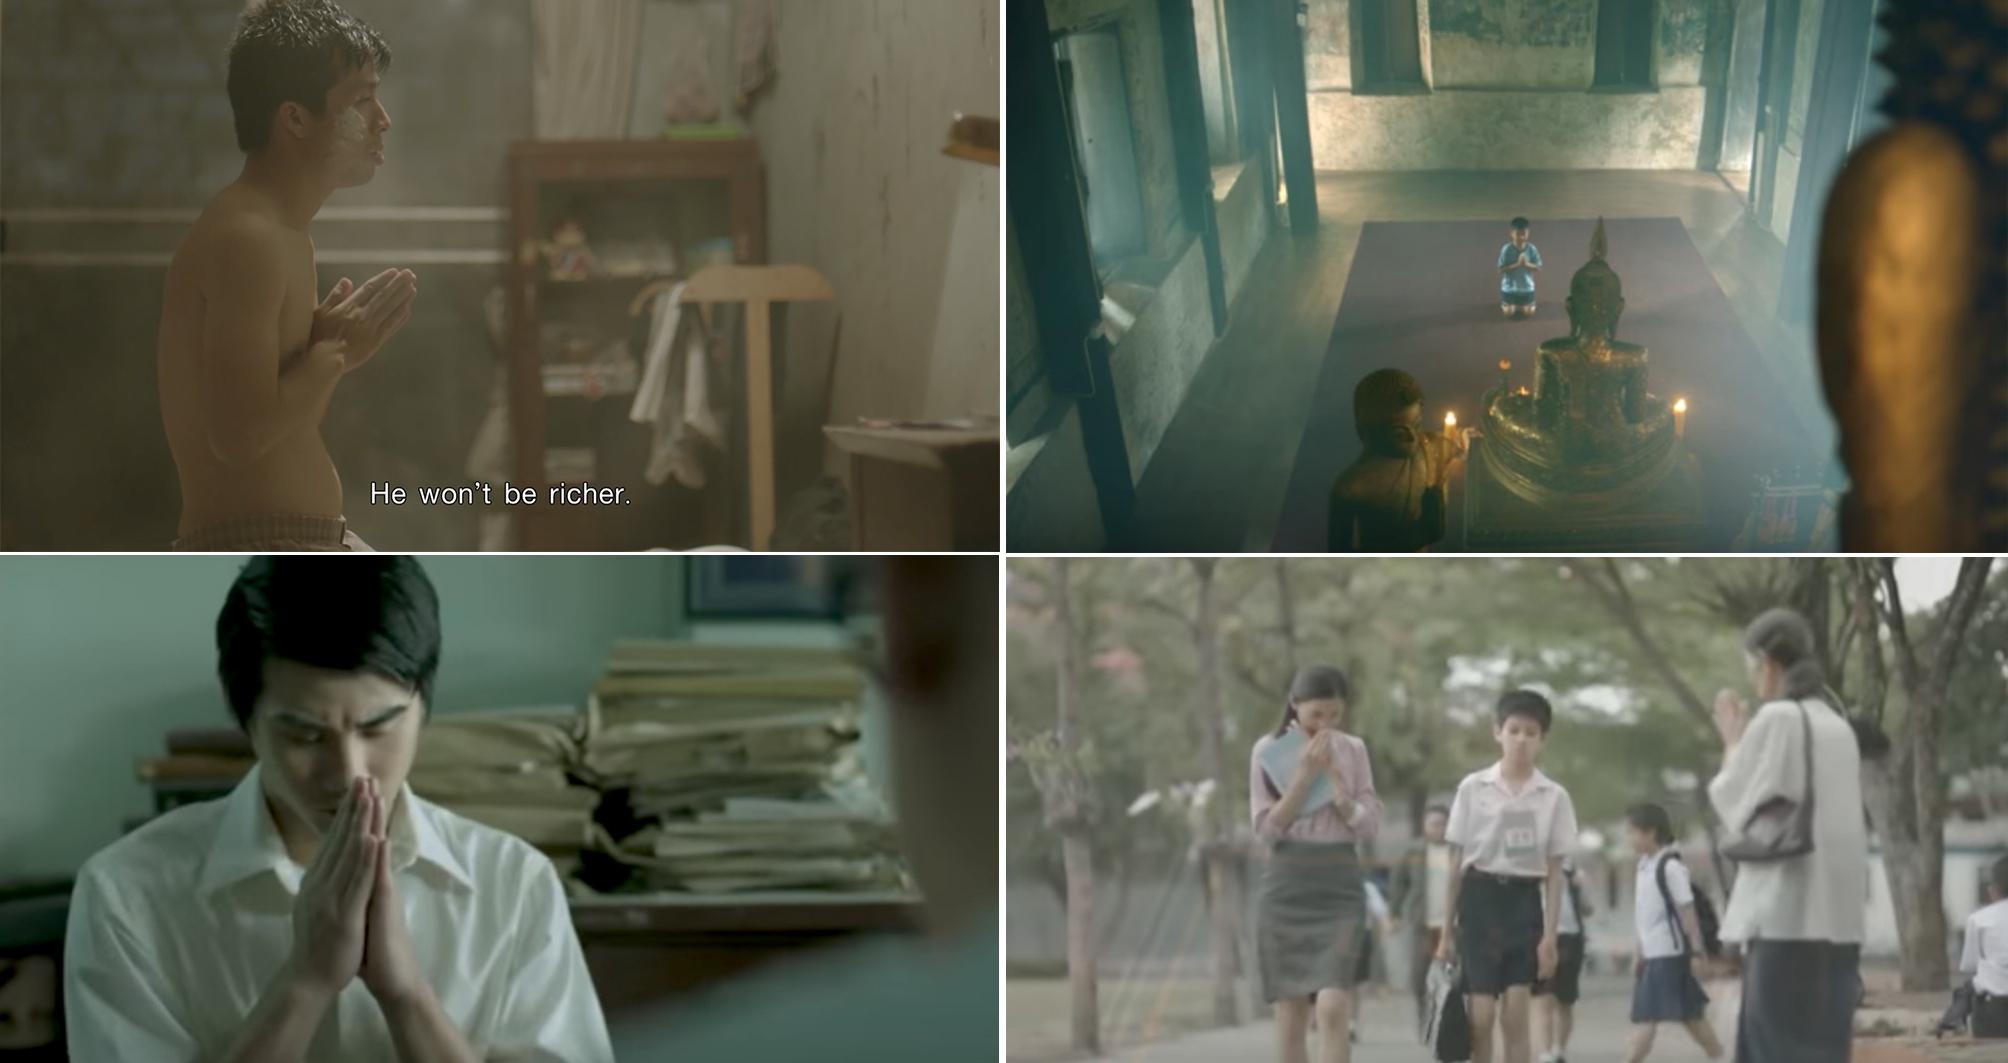 泰国广告中的合十礼